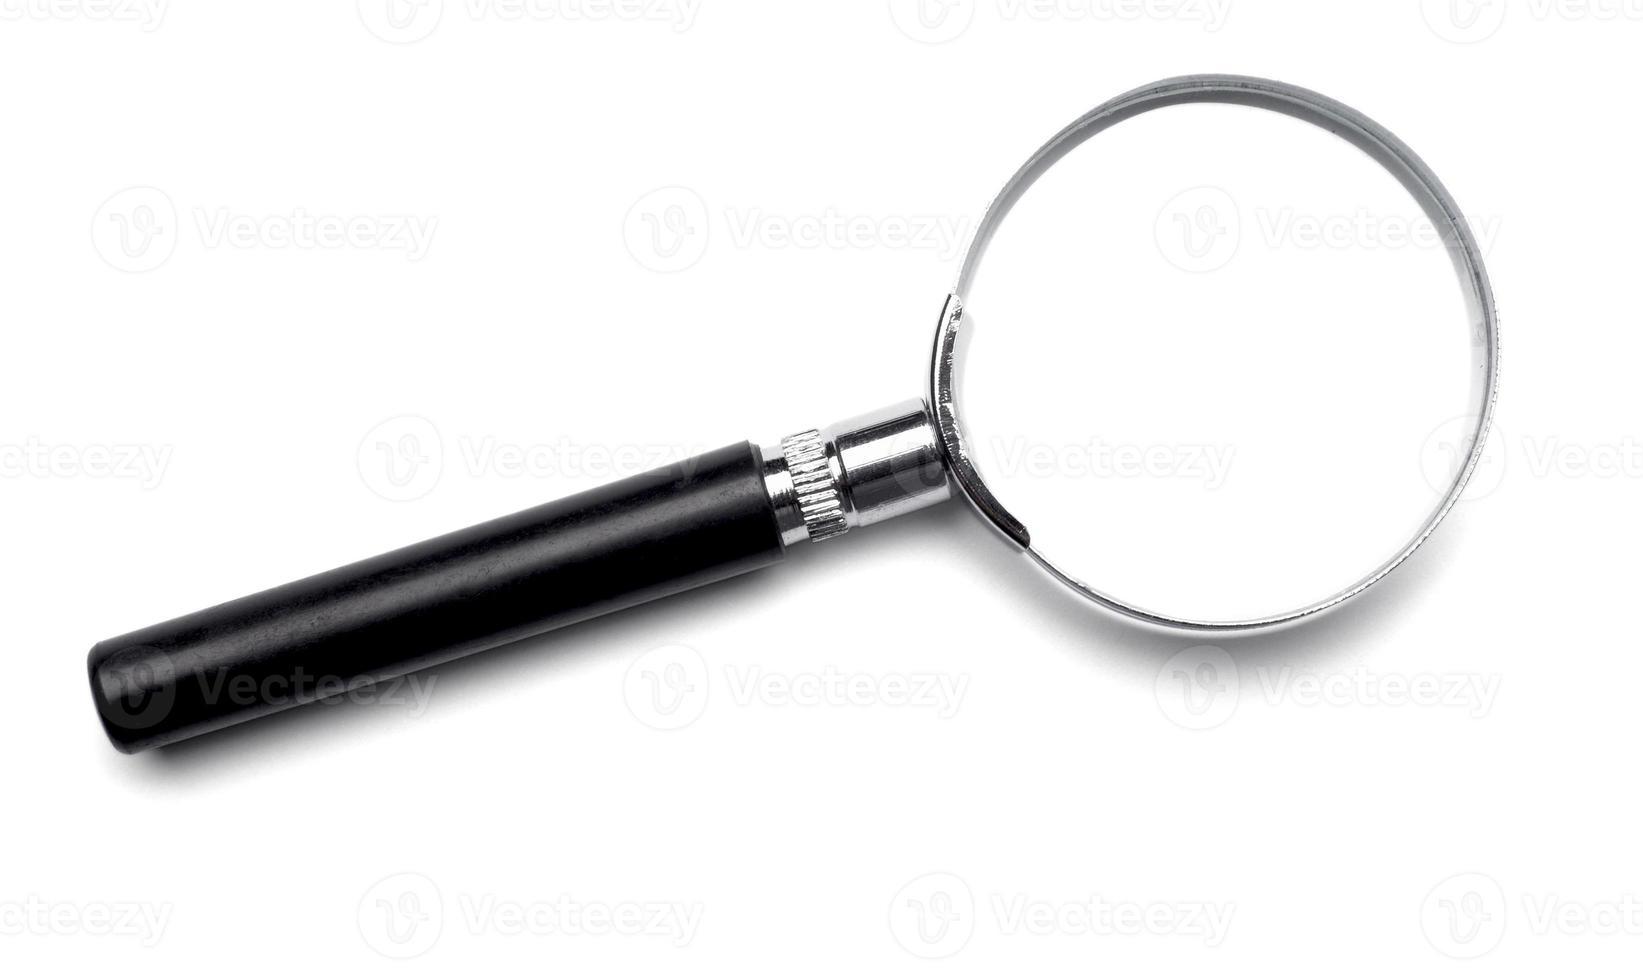 ricerca di lente d'ingrandimento ricerca allargare la ricerca foto